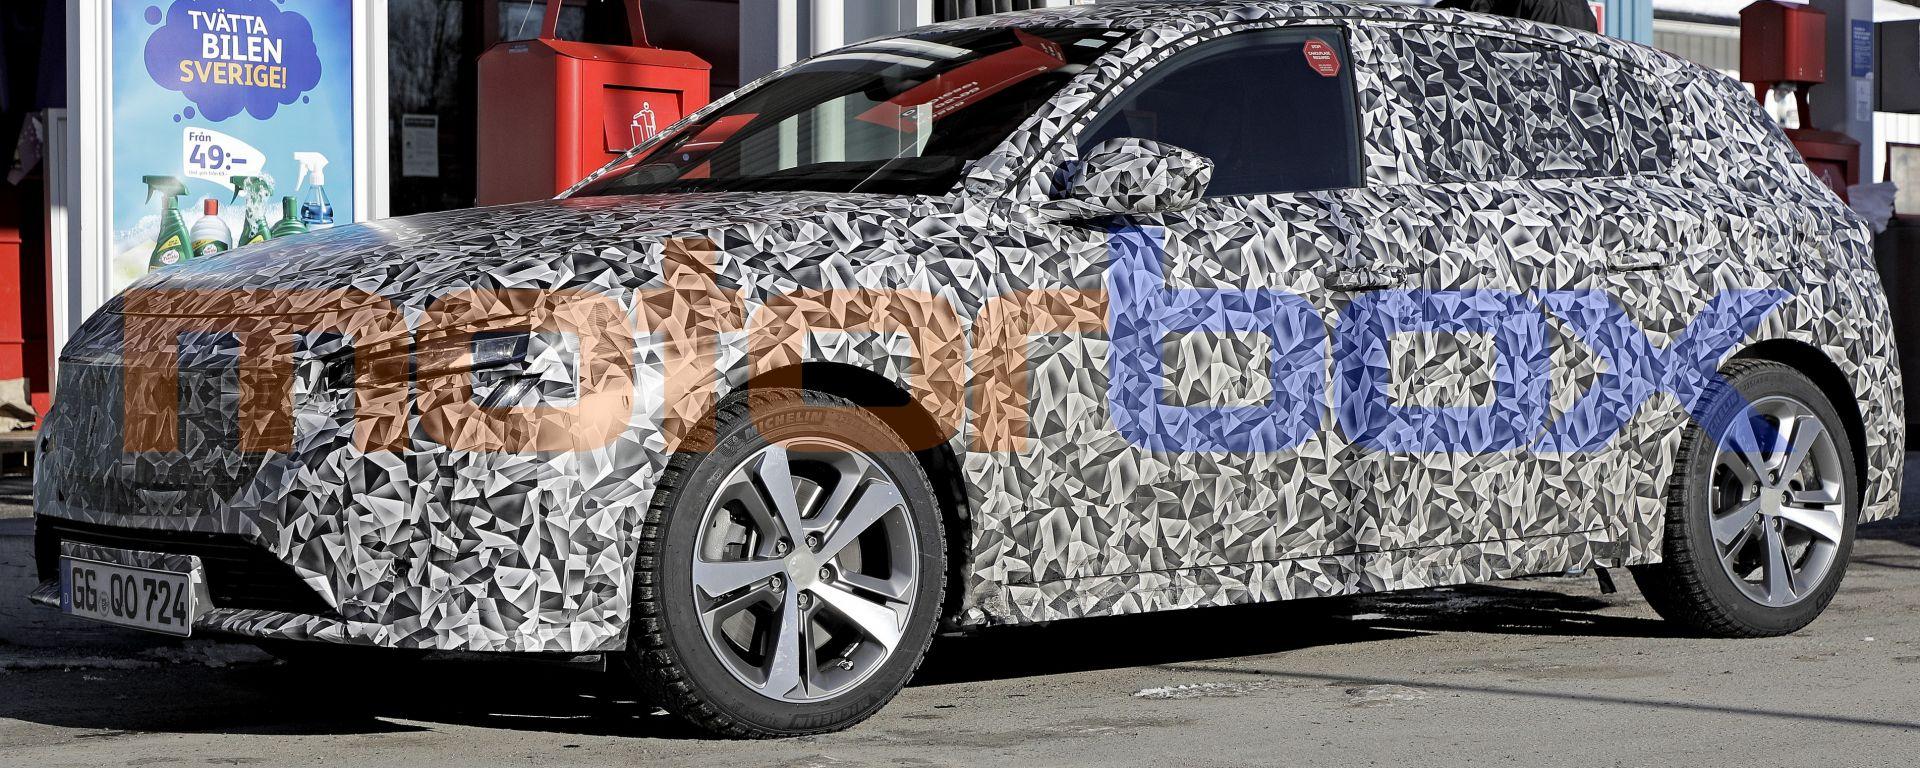 Peugeot 308: la terza generazione è quasi pronta. Nuove foto spia